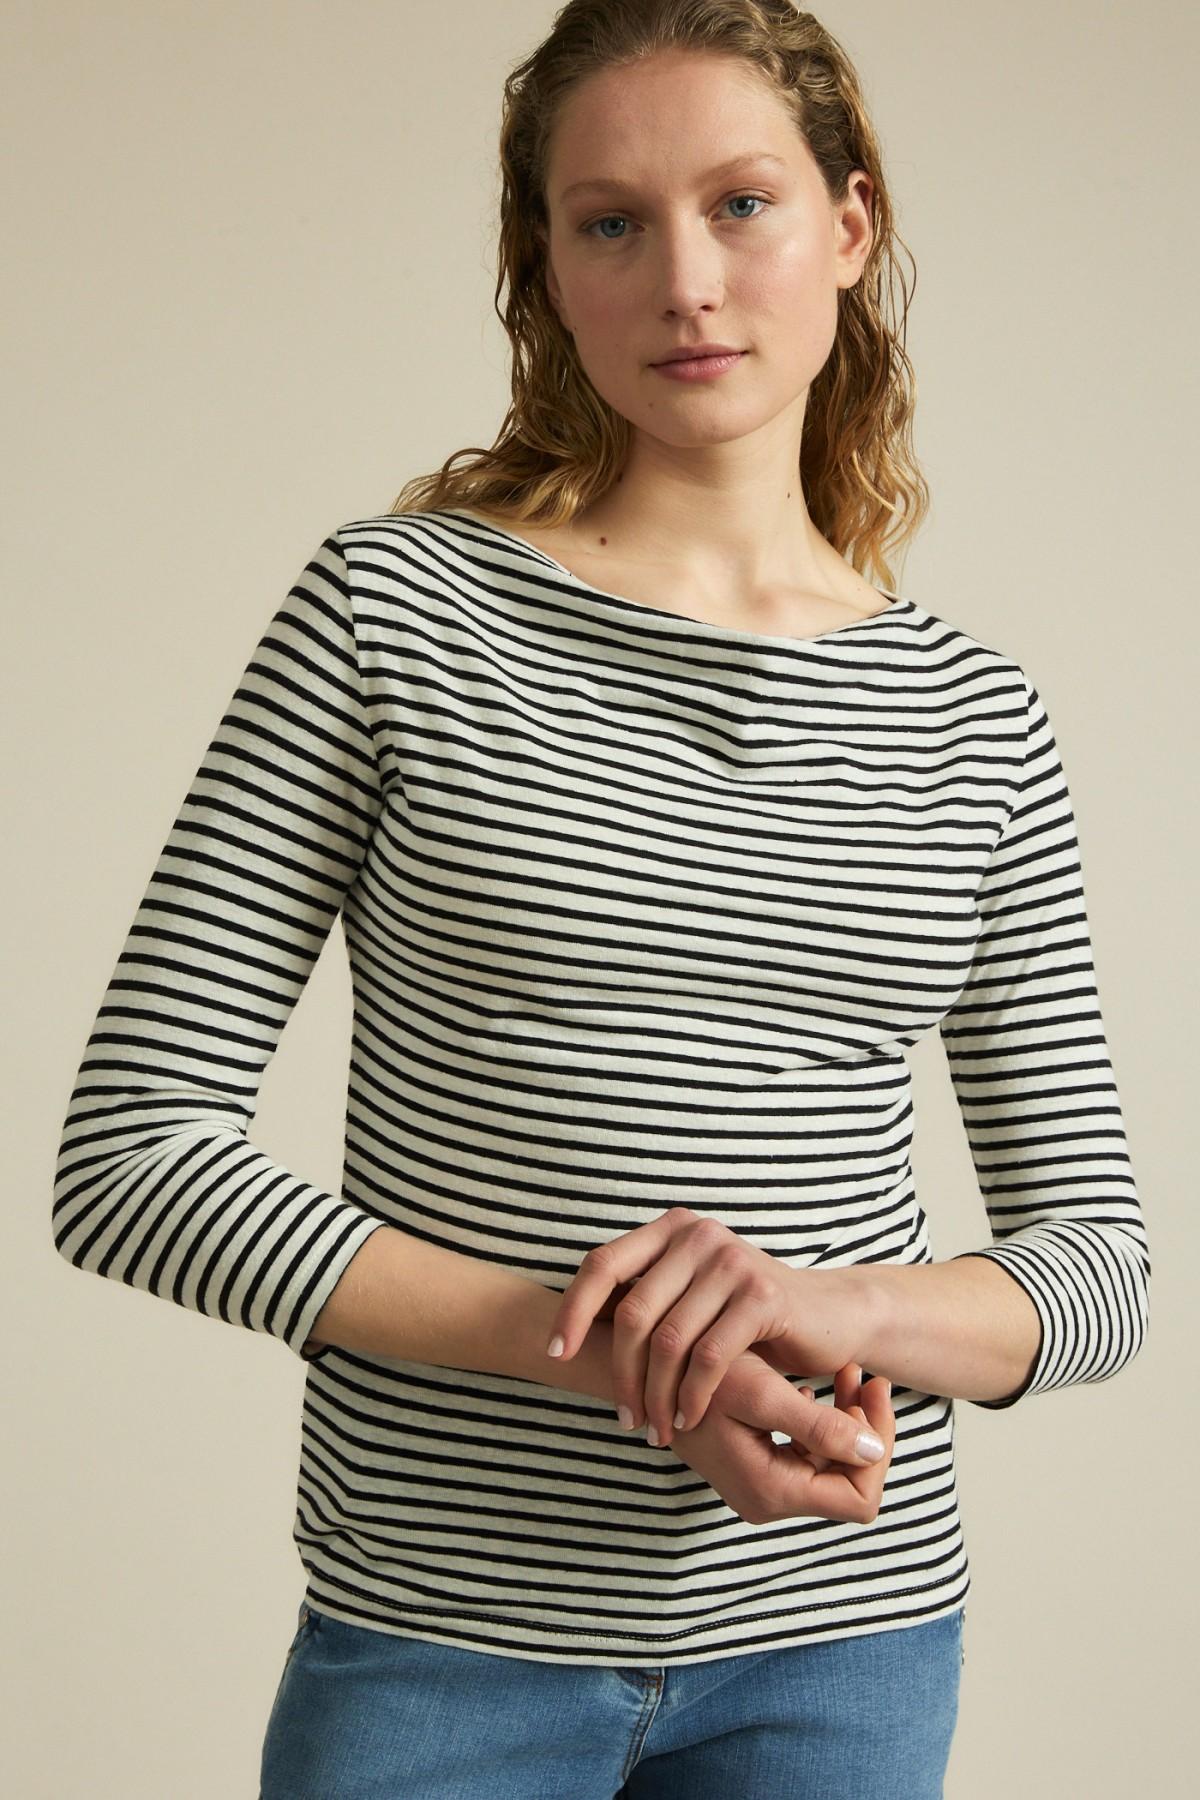 Striped waterfall shirt